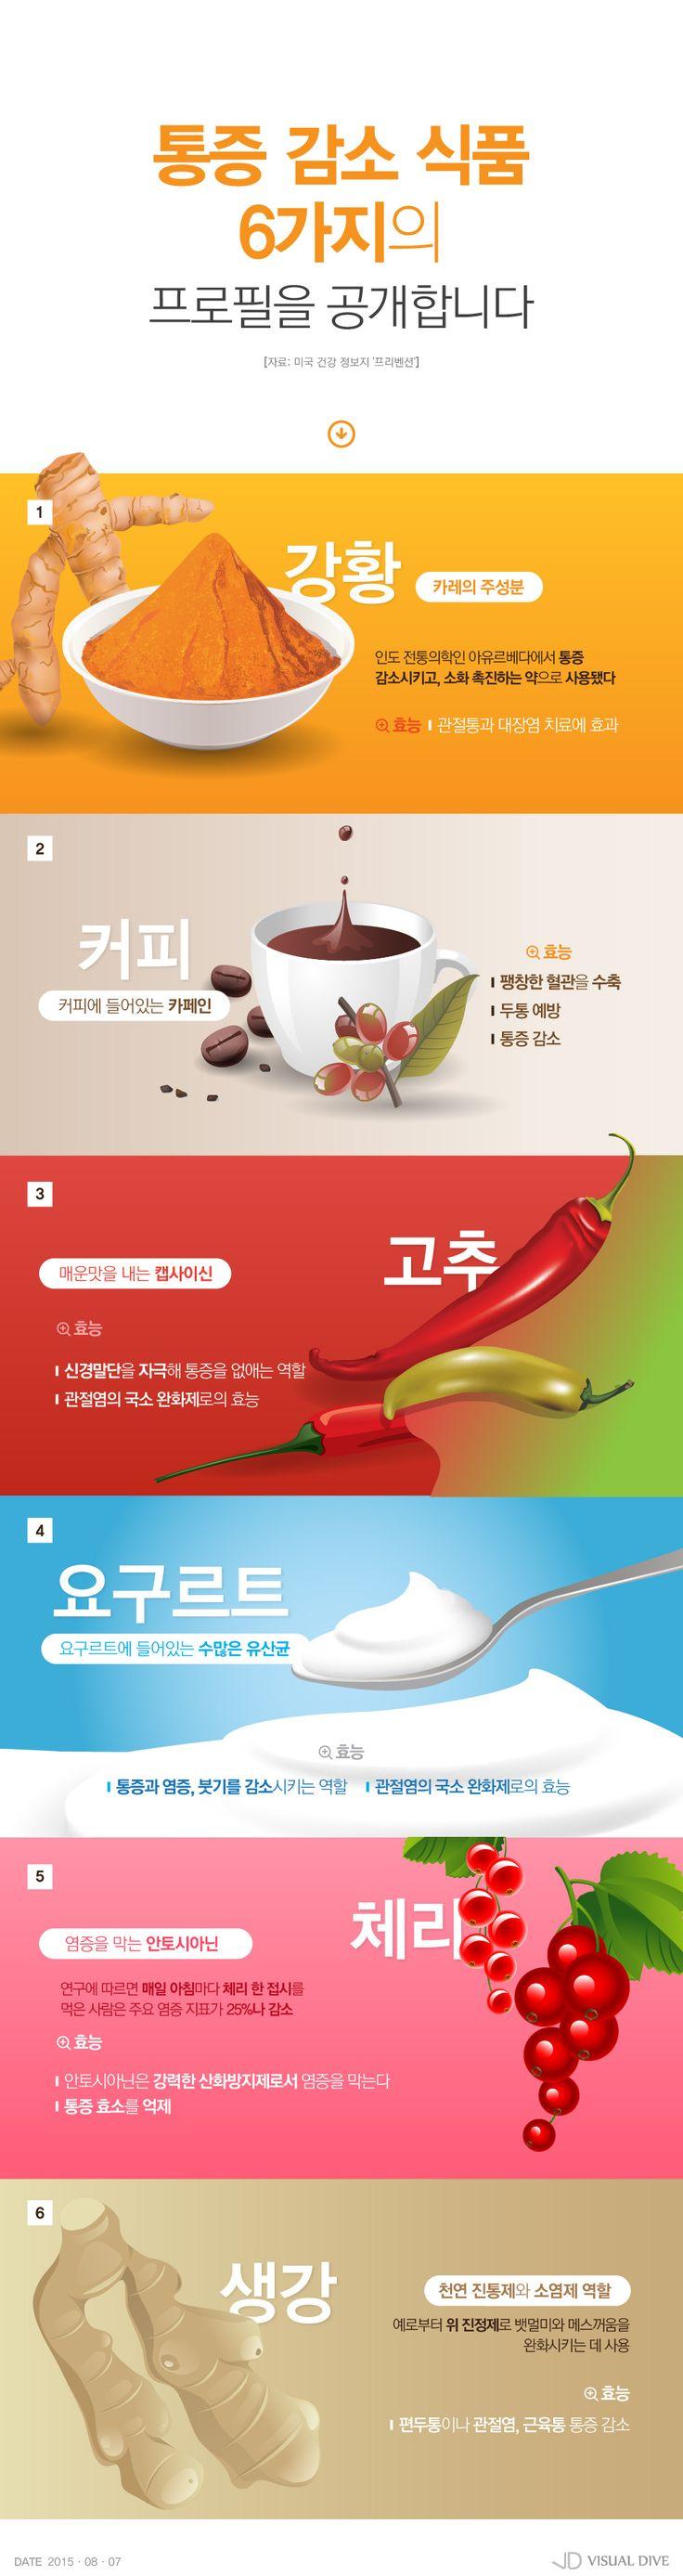 염증·통증·두통 완화…'힐링 푸드' 음식 6가지 [인포그래픽] #Healing_Food / #Infographic ⓒ 비주얼다이브 무단 복사·전재·재배포 금지